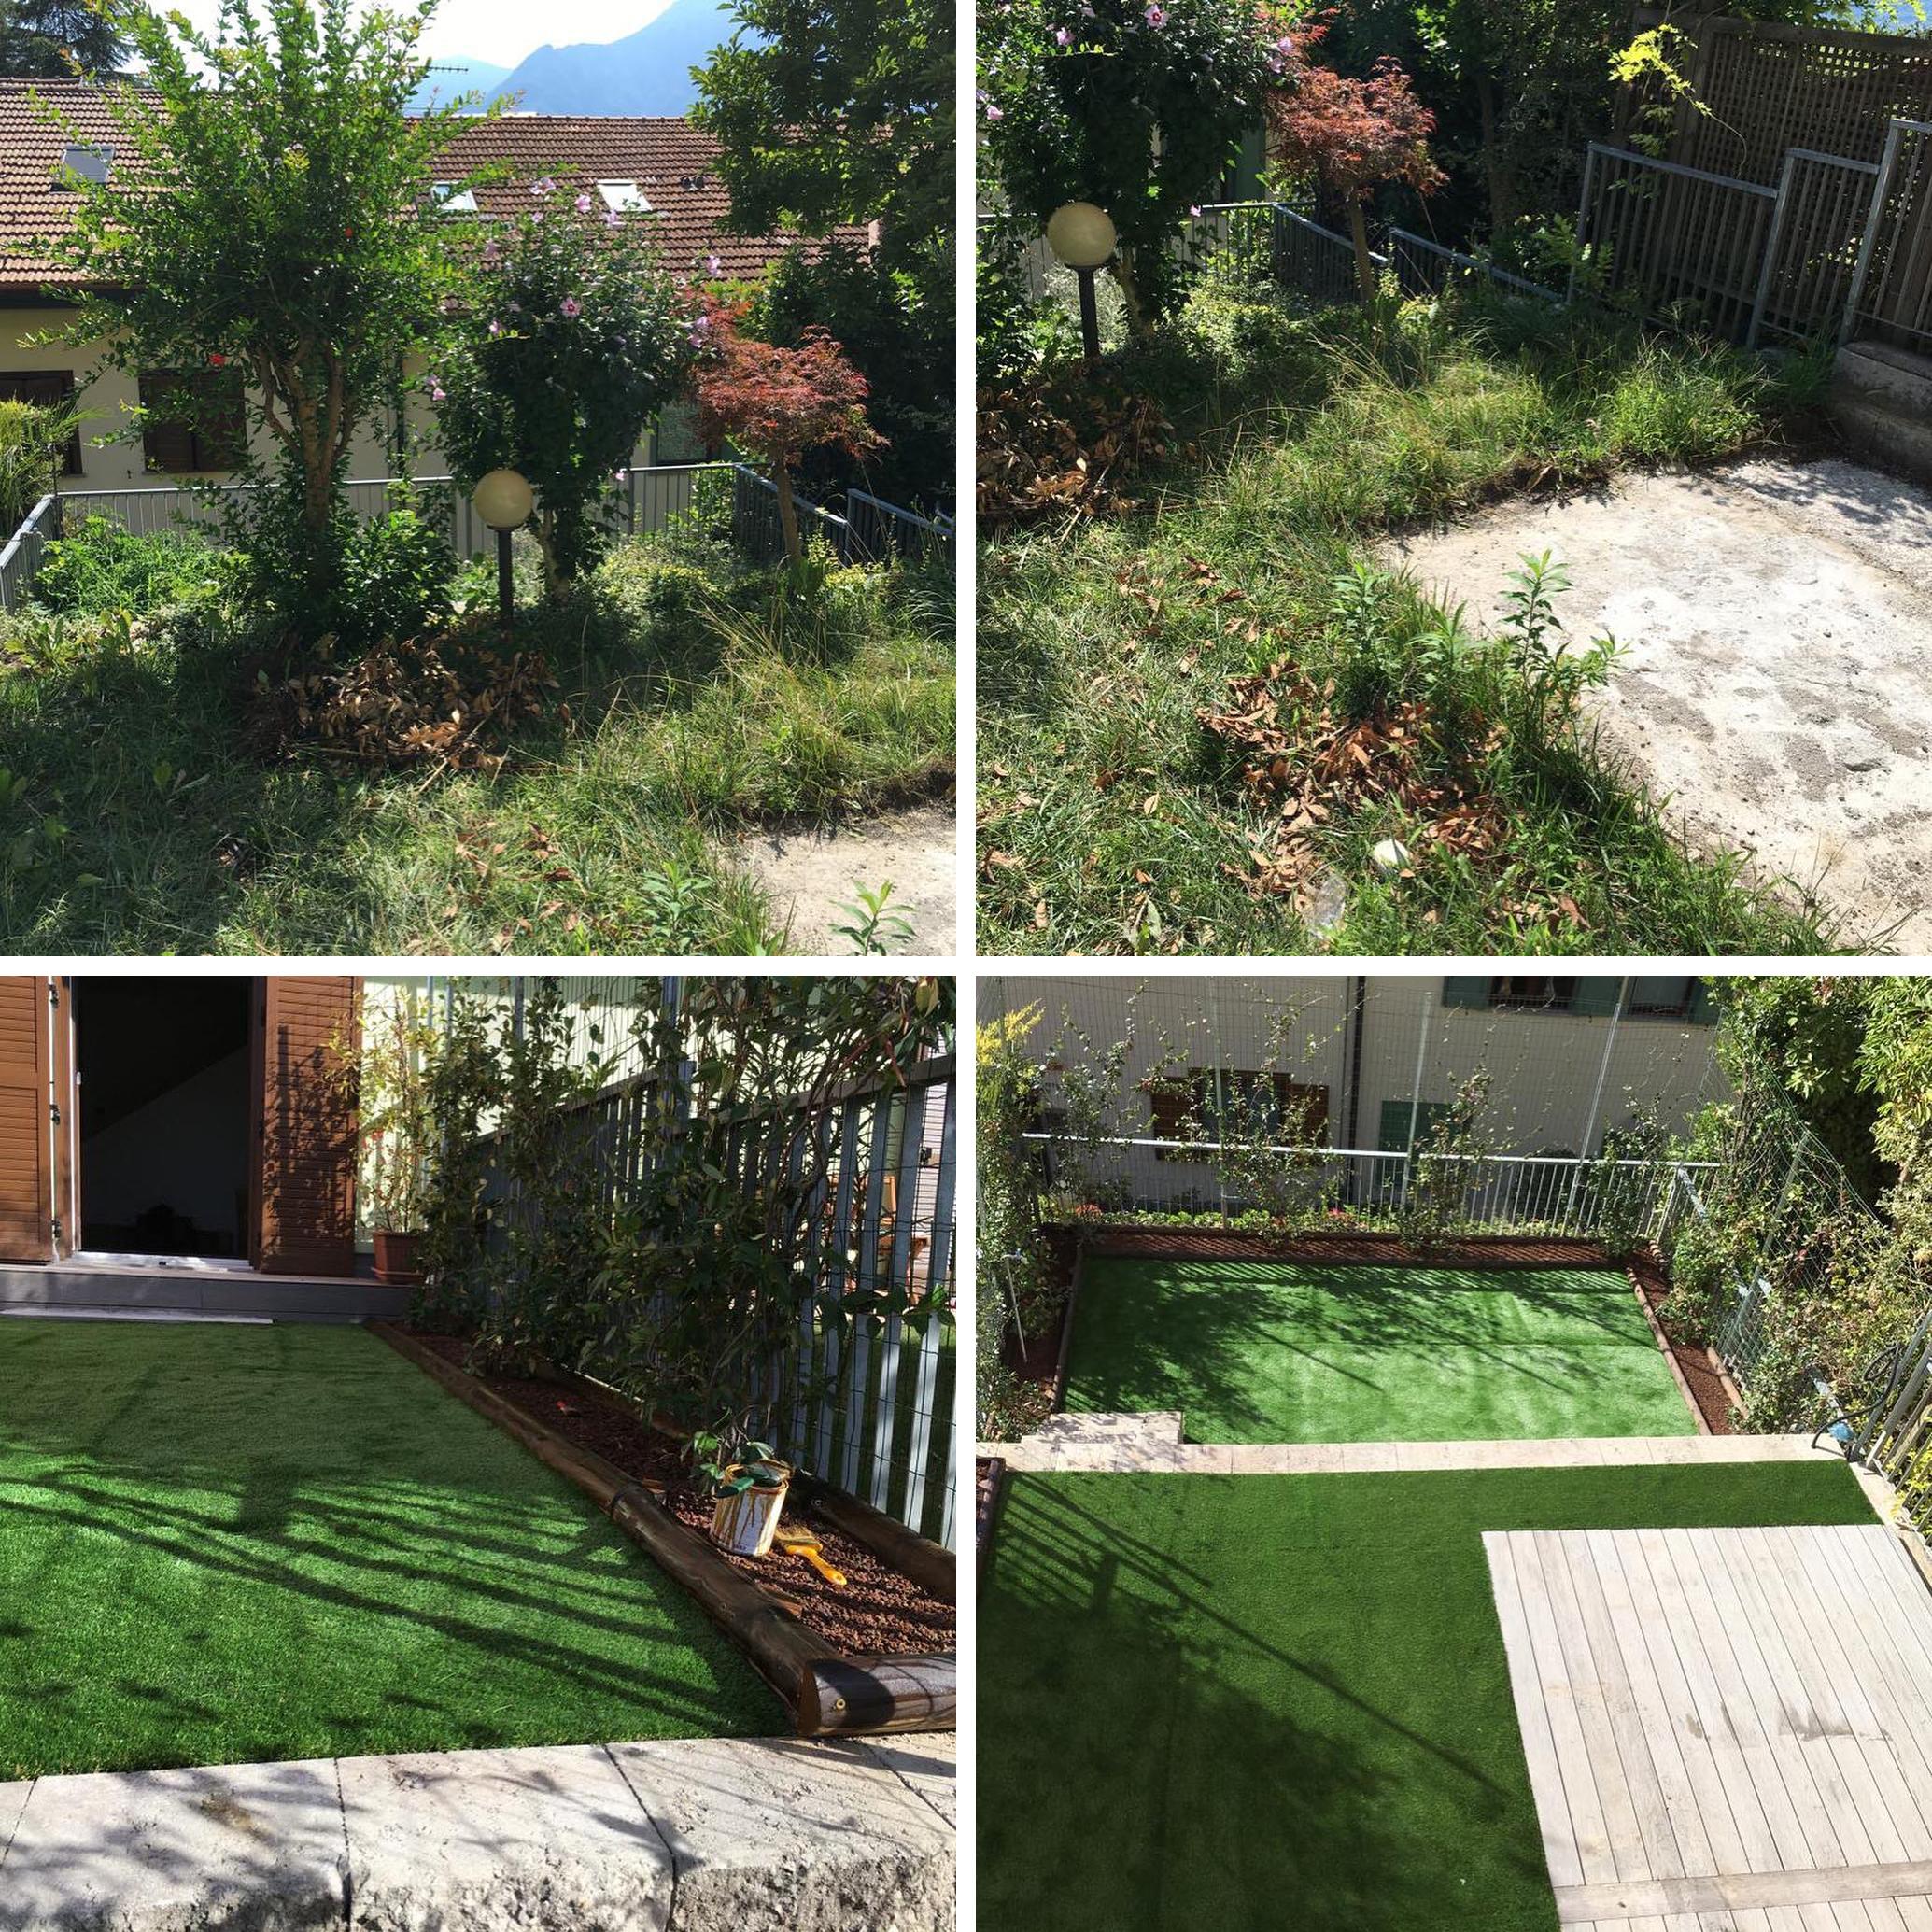 E anche per questo giardino, il prima e il dopo sono impressionanti!